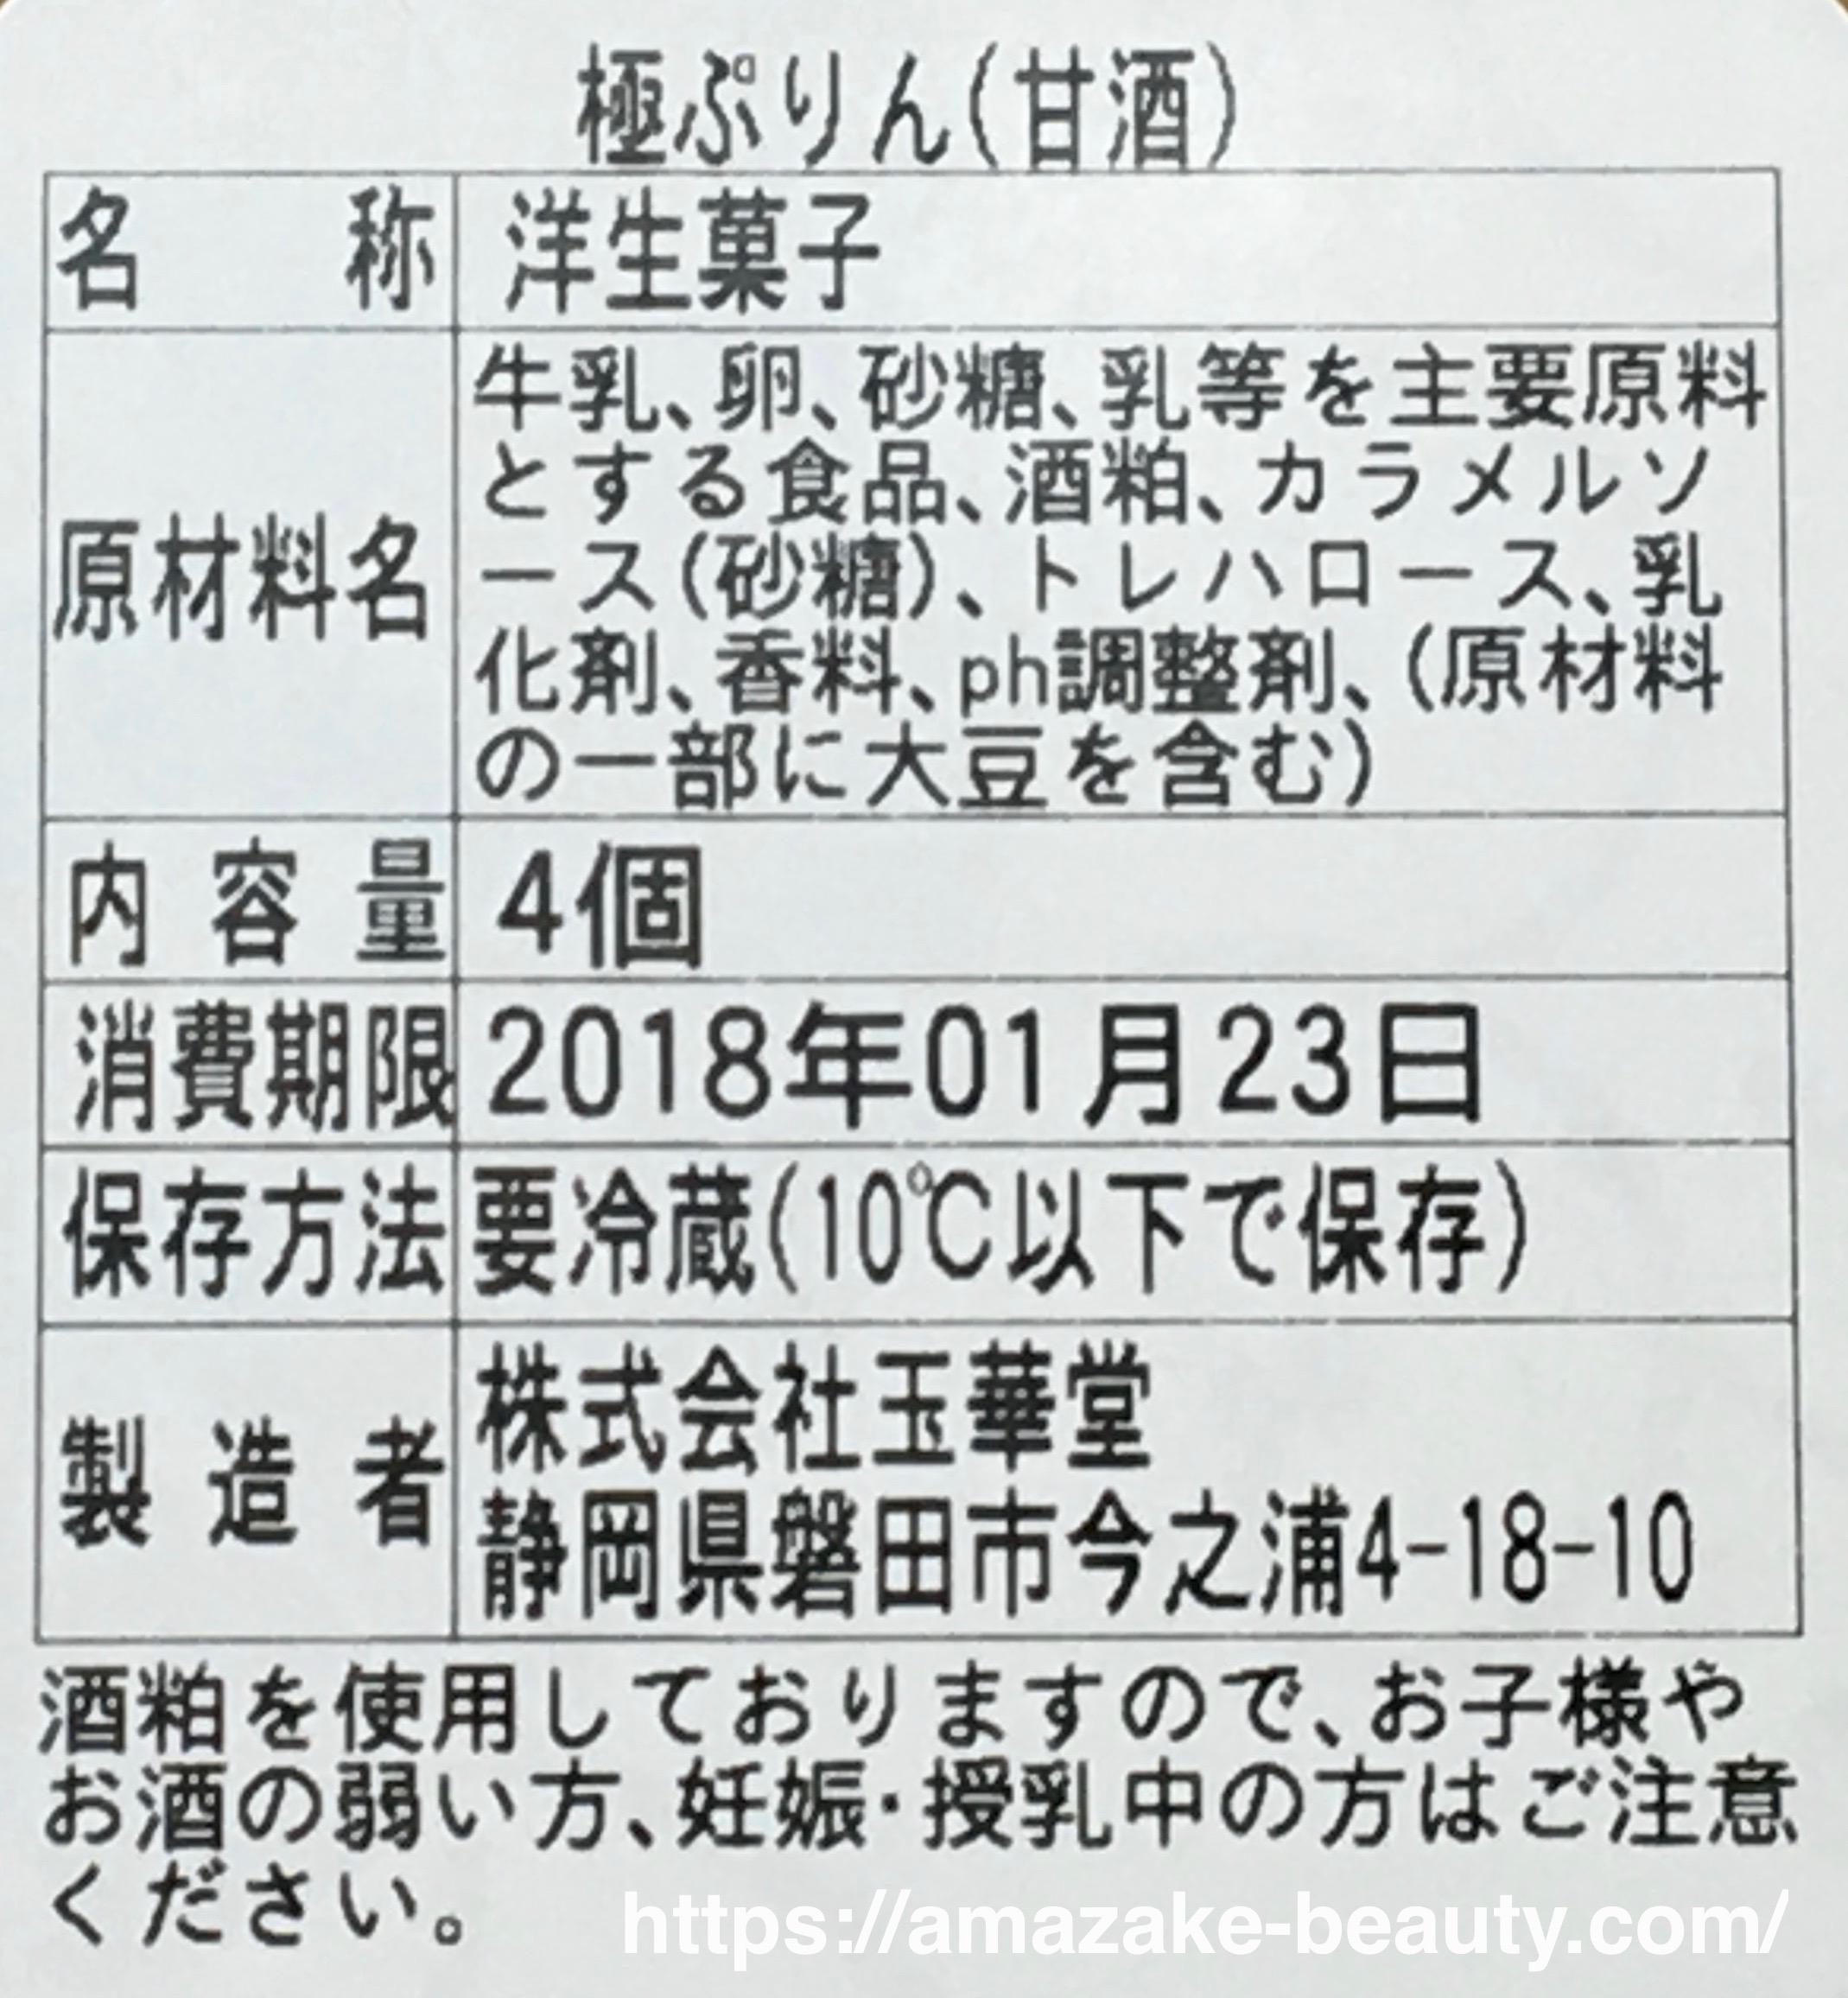 【甘酒甘味】玉華堂『甘酒極(きわみ)プリン』(商品情報)